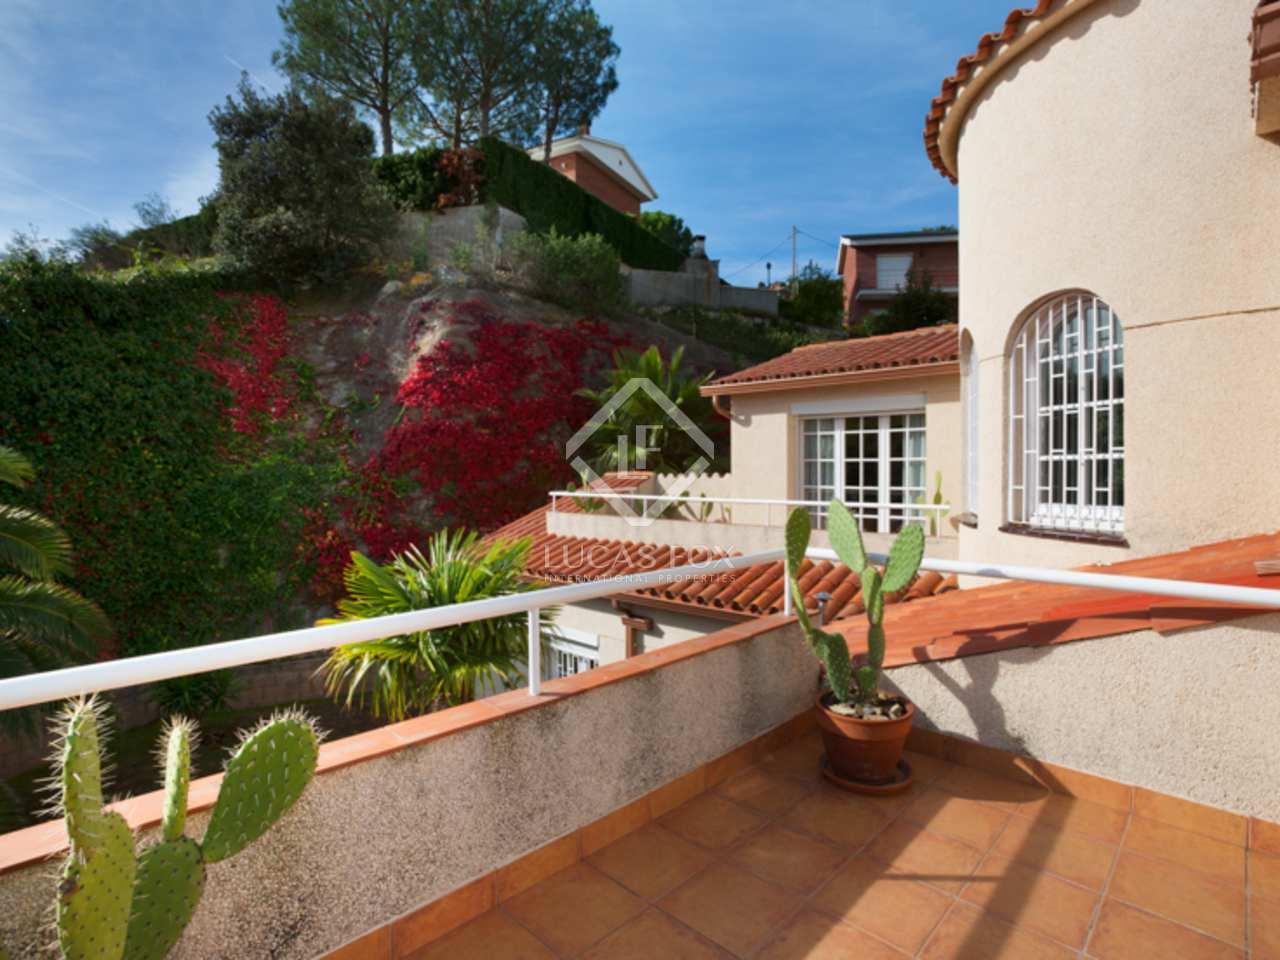 Villa de 5 dormitorios con vistas al mar en venta en alella Villa jardin donde queda